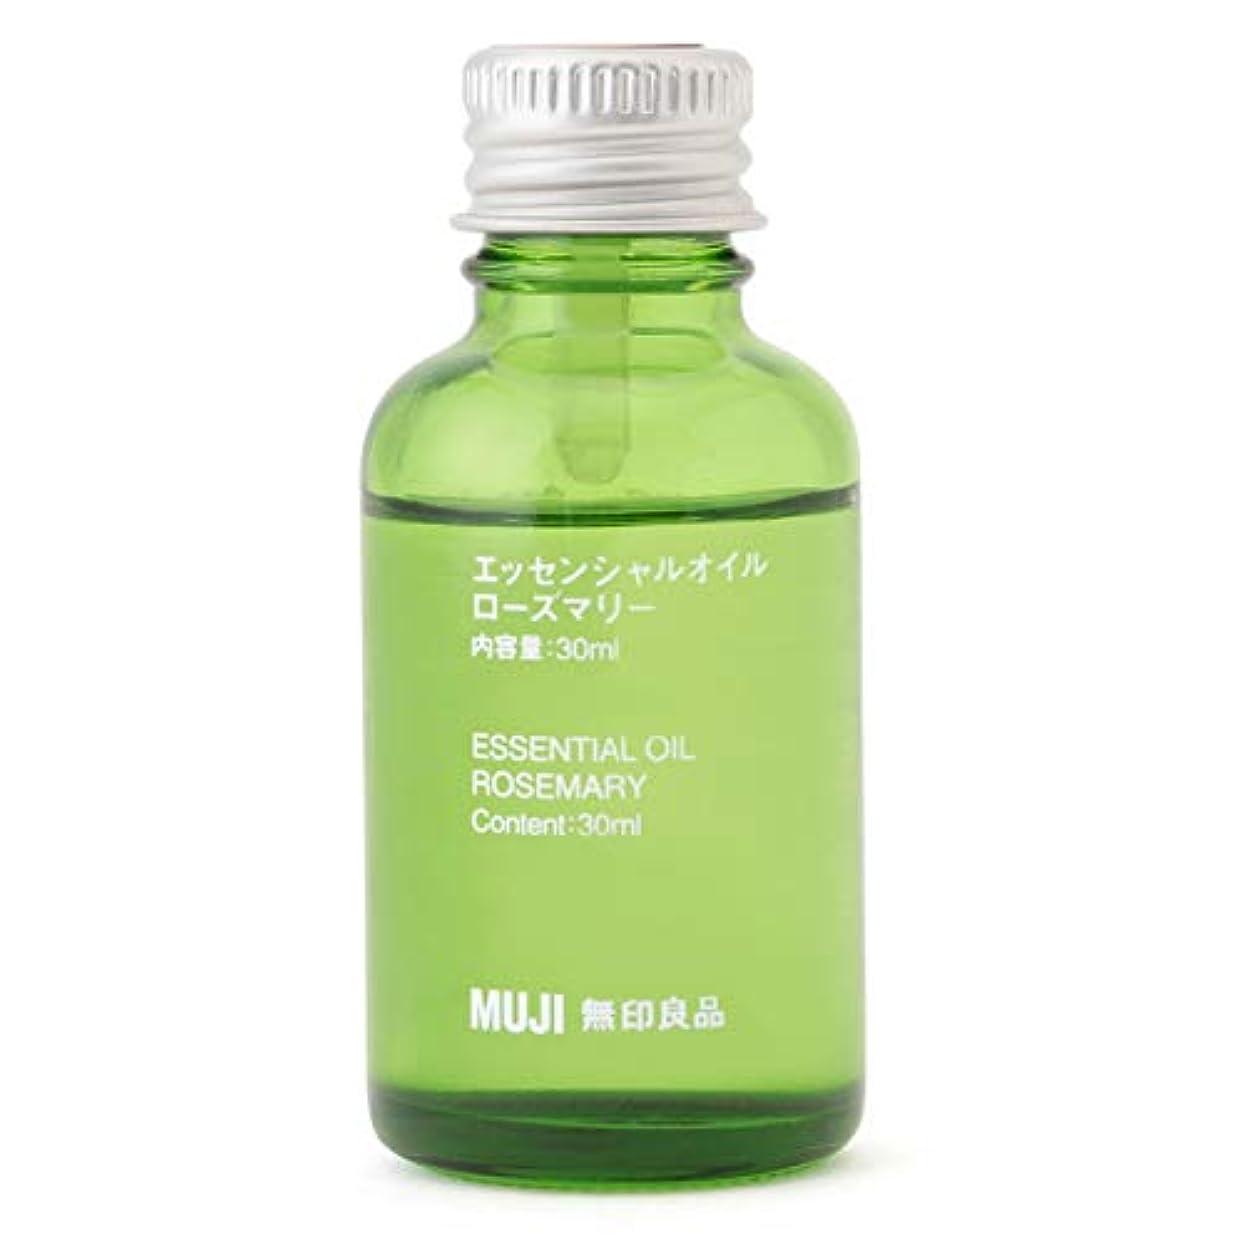 虚栄心リングバック風味【無印良品】エッセンシャルオイル30ml(ローズマリー)